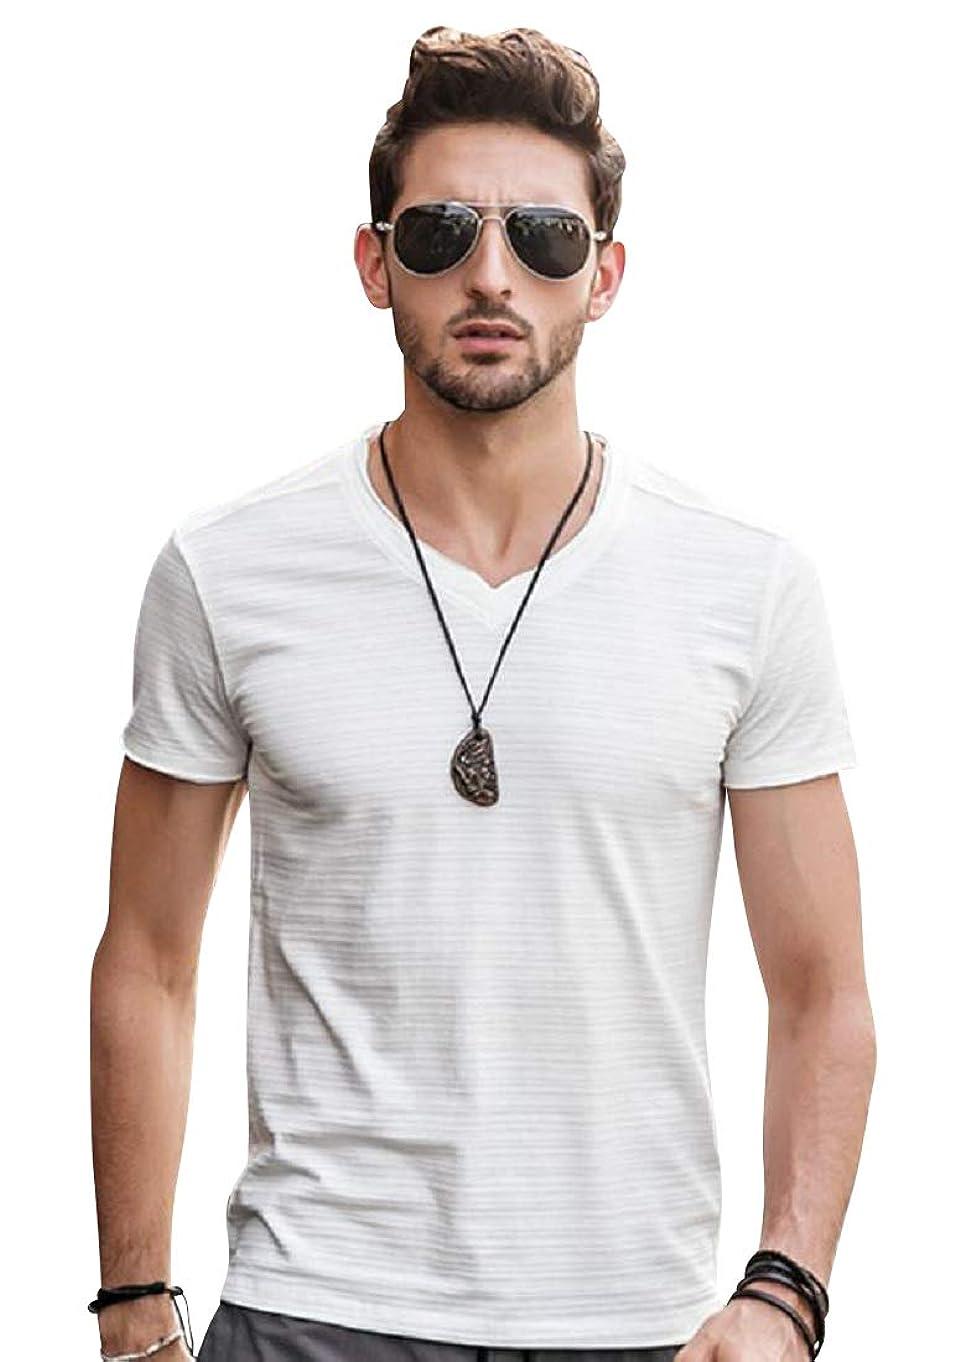 旅行者均等に警戒[ライズオンフリーク] メンズ 半袖 tシャツ トップス カットソー シャツ カジュアル 夏服 GT-47